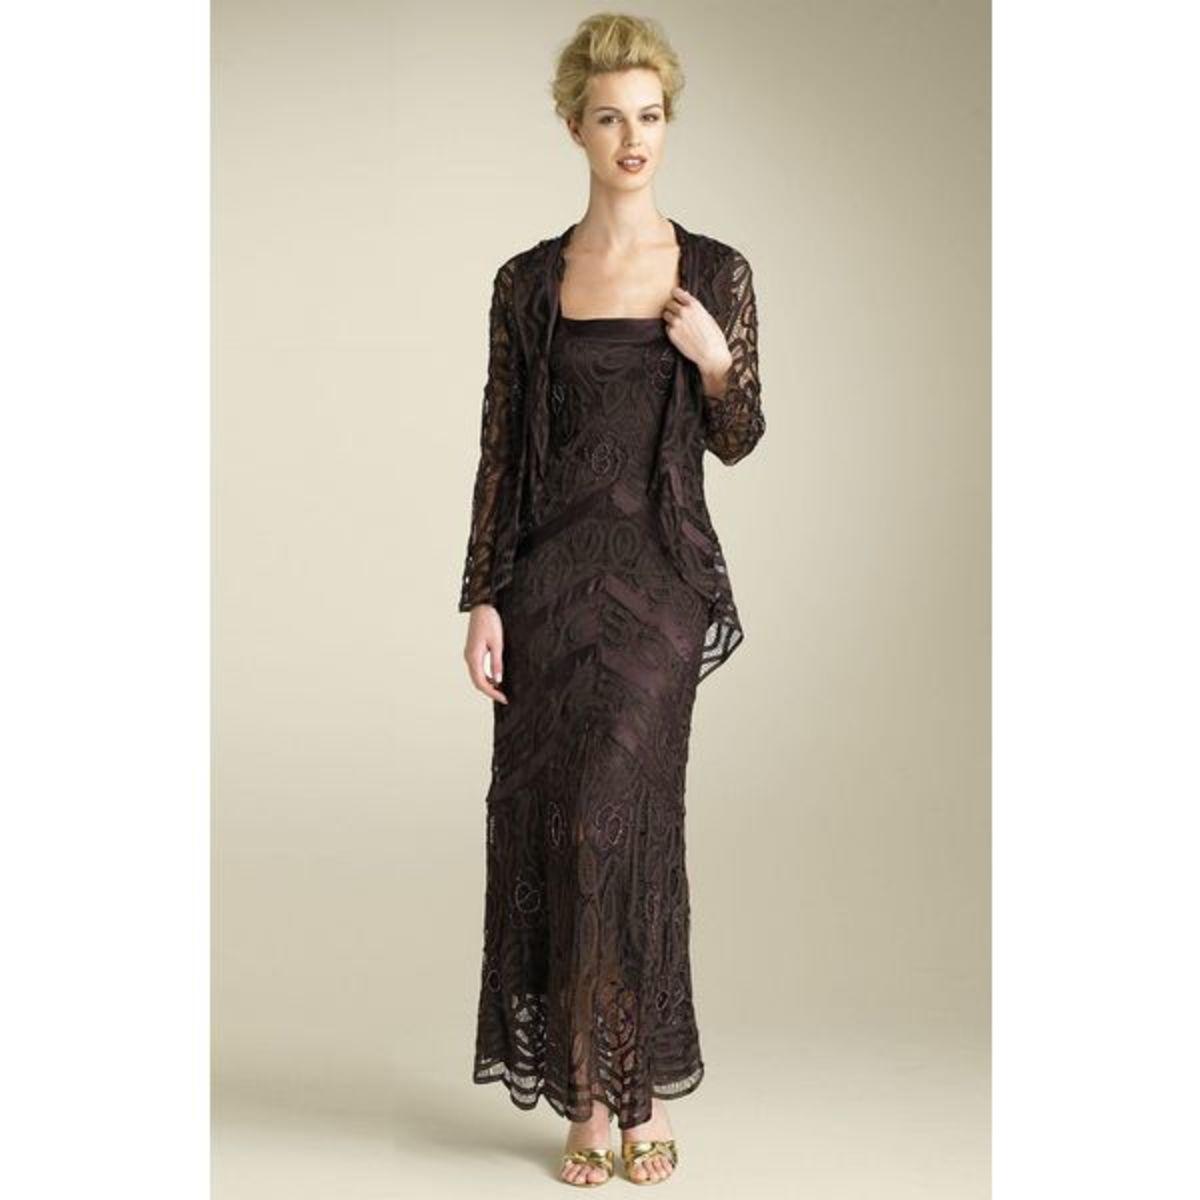 Soulmates Bead Crochet Dress & Jacket in Black